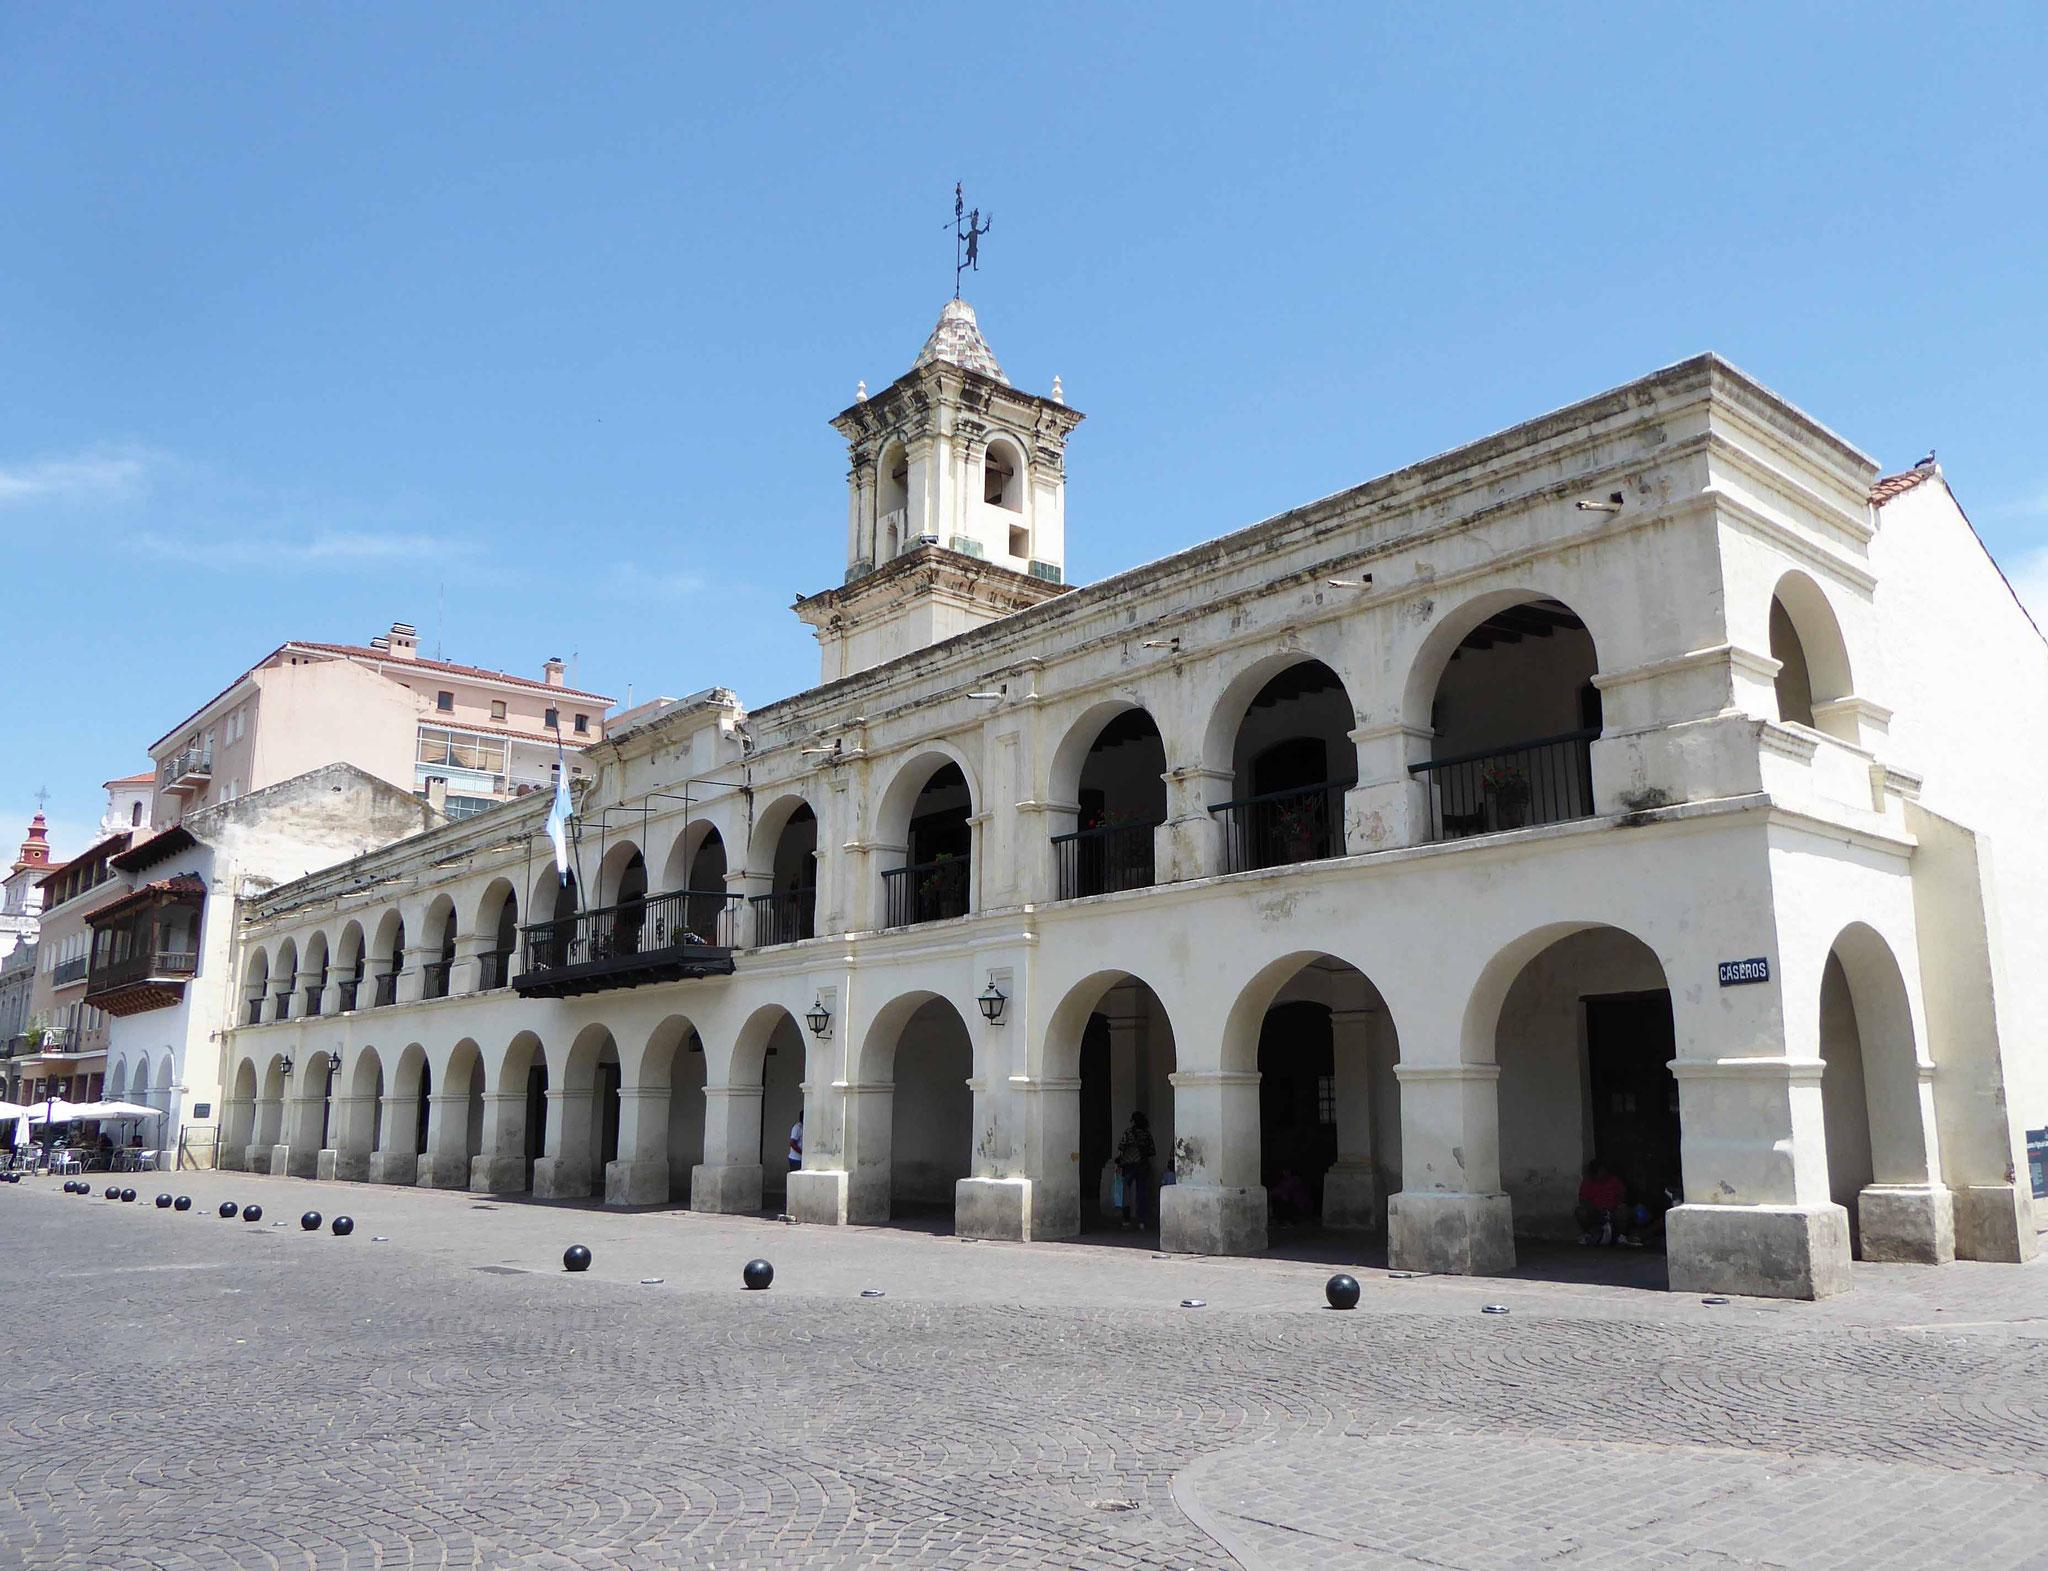 Le superbe Cabildo, souvenir du pouvoir civil de l'empire colonial espagnol